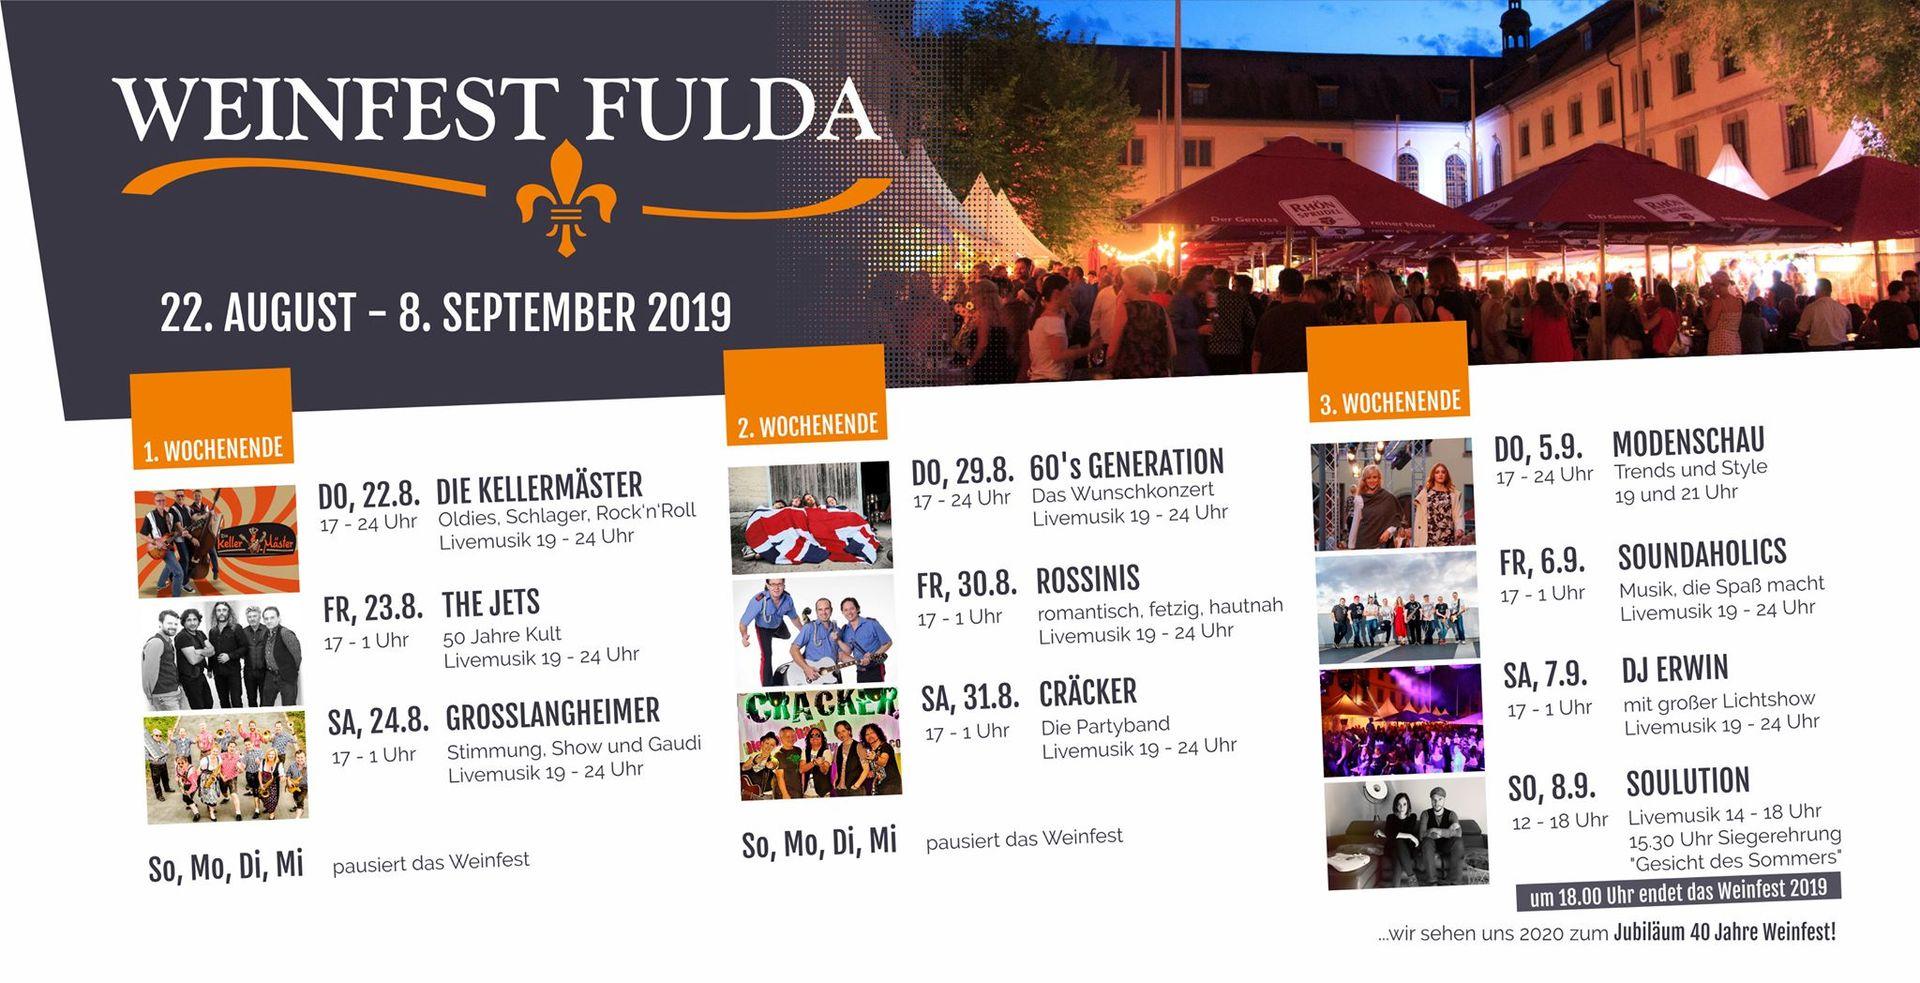 Weinfest Fulda 2019 - Programm